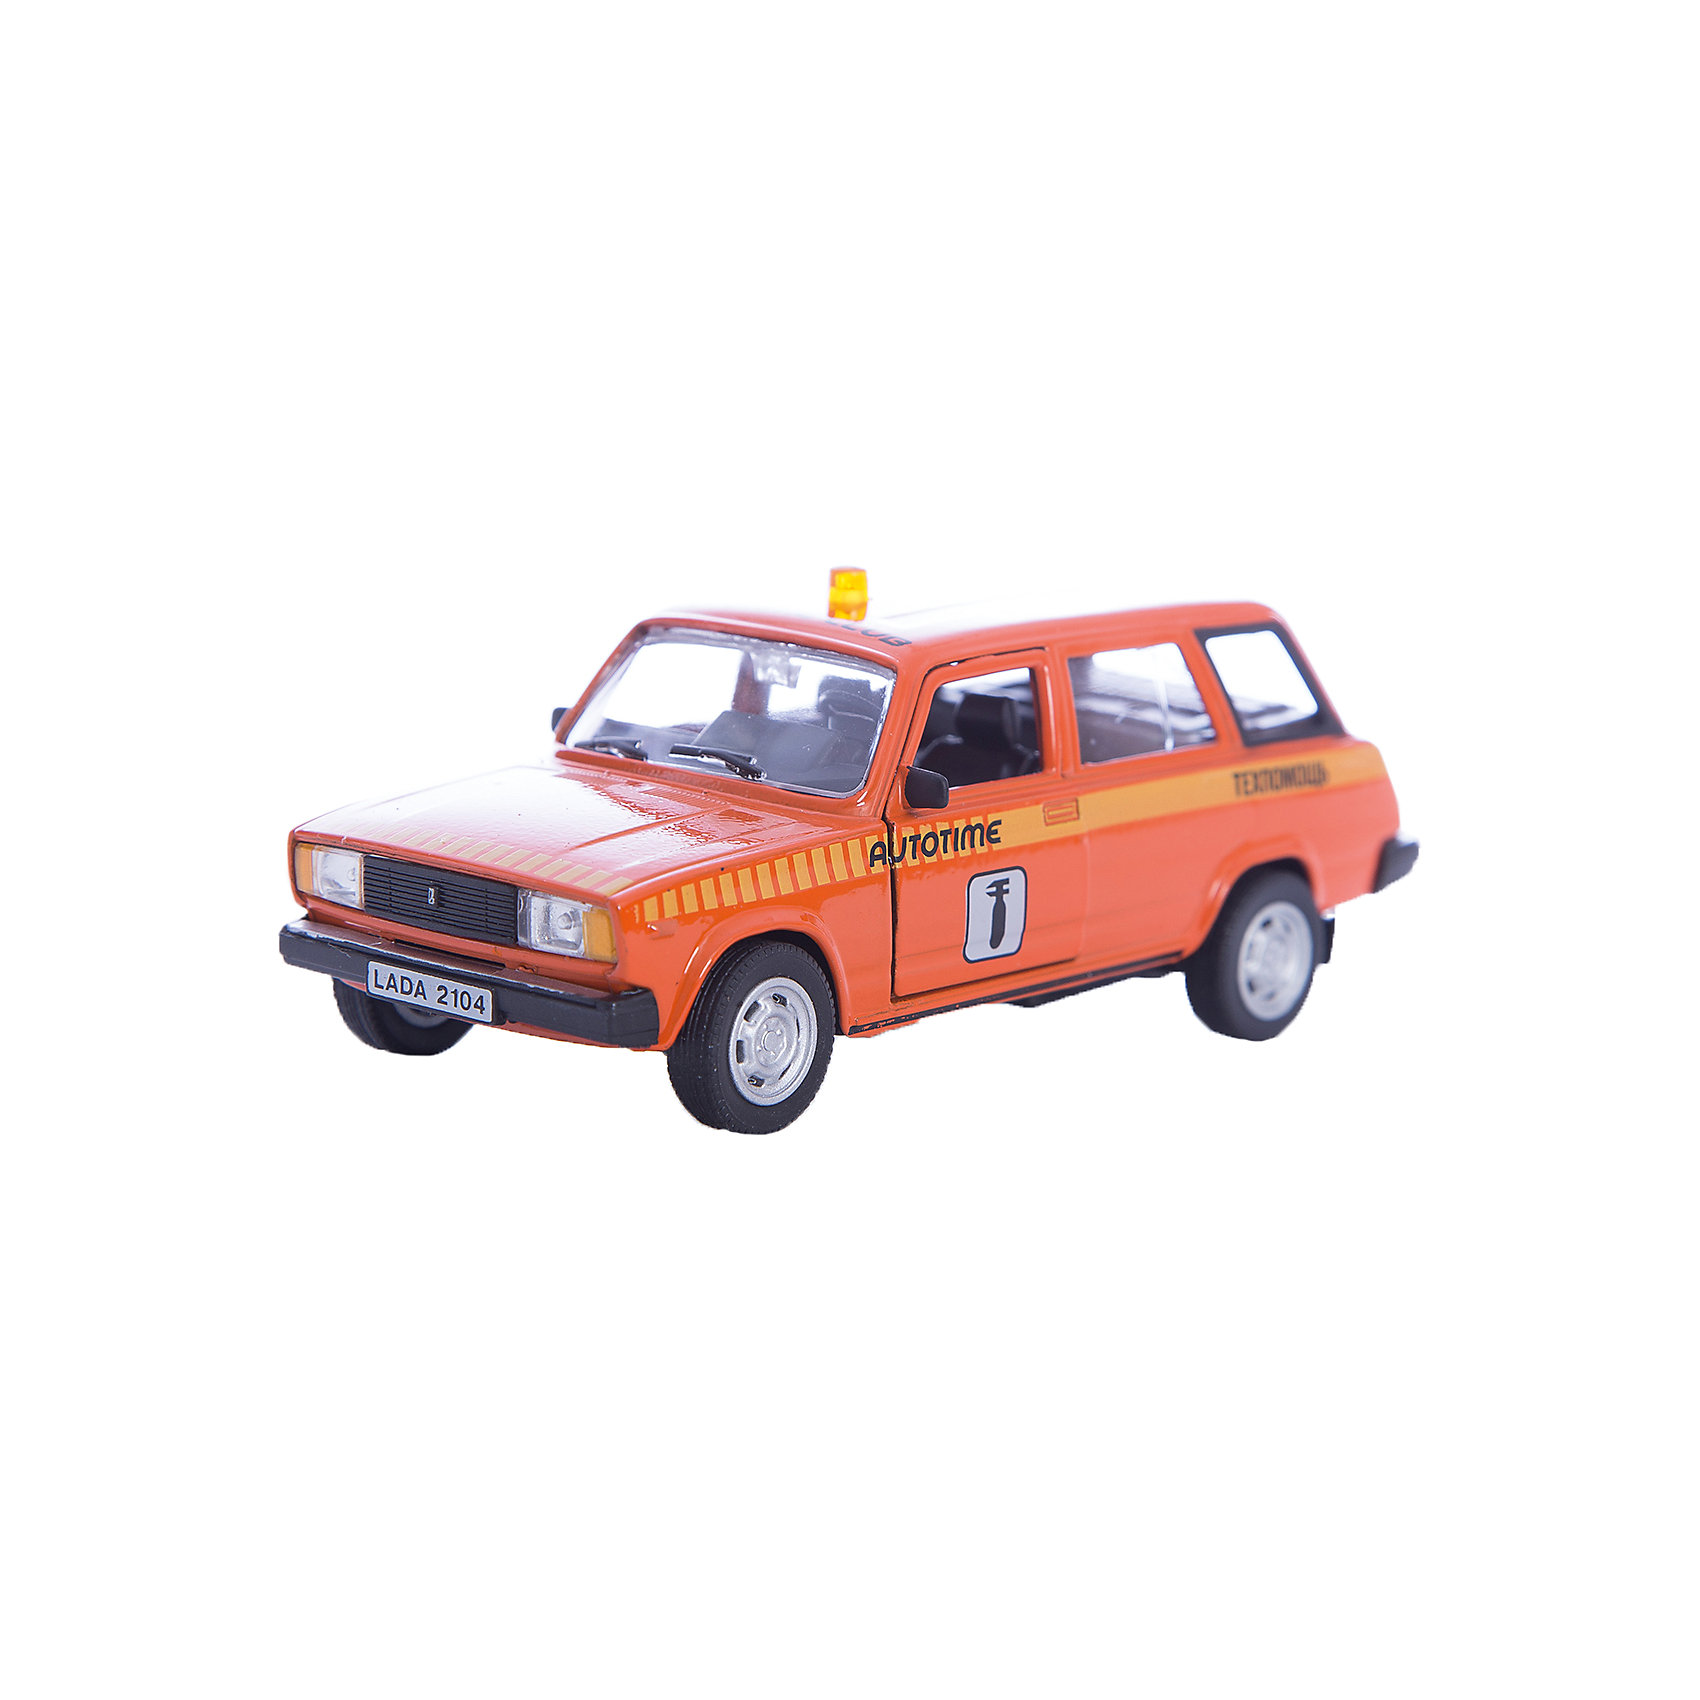 Машинка Lada 2104 техпомощь 1:36, AutotimeМашинки<br>Характеристики товара:<br><br>• цвет: оранжевый<br>• материал: металл, пластик<br>• размер: 16,5х7,х5,7 см<br>• вес: 100 г<br>• масштаб: 1:36<br>• прочный материал<br>• хорошая детализация<br>• открываются двери<br>• страна бренда: Россия<br>• страна производства: Китай<br><br>Коллекционная машинка LADA 2104 техпомощь от бренда AUTOTIME станет отличным подарком для мальчика. Подробная детализация машинки порадует увлеченного коллекционера, а открывающиеся двери и свободно вращающиеся колеса придутся по душе юному владельцу игрушечного гаража. Эта игрушка подарит восторг и радость вашему ребенку. <br><br>Игрушка также воздействует на наглядно-образное мышление, логическое мышление, развивает мелкую моторику. Изделие выполнено из сертифицированных материалов, безопасных для детей.<br><br>Машинку «Lada 2104» техпомощь от бренда AUTOTIME можно купить в нашем интернет-магазине.<br><br>Ширина мм: 165<br>Глубина мм: 57<br>Высота мм: 75<br>Вес г: 13<br>Возраст от месяцев: 36<br>Возраст до месяцев: 2147483647<br>Пол: Мужской<br>Возраст: Детский<br>SKU: 5583952